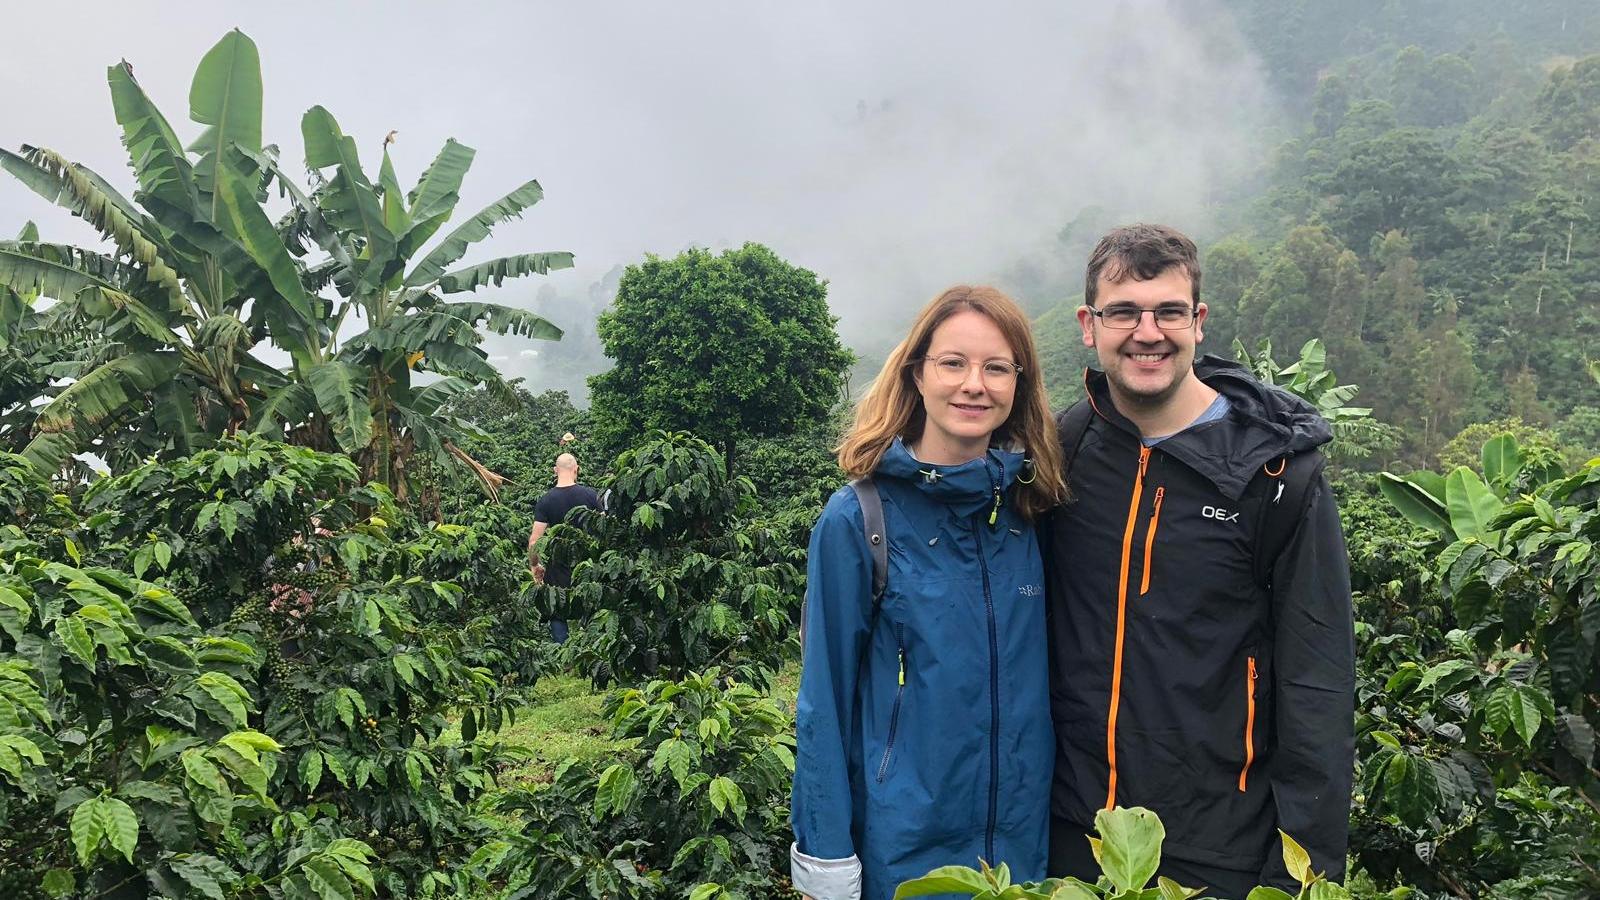 Lincoln & York Colombia origin trip 2019